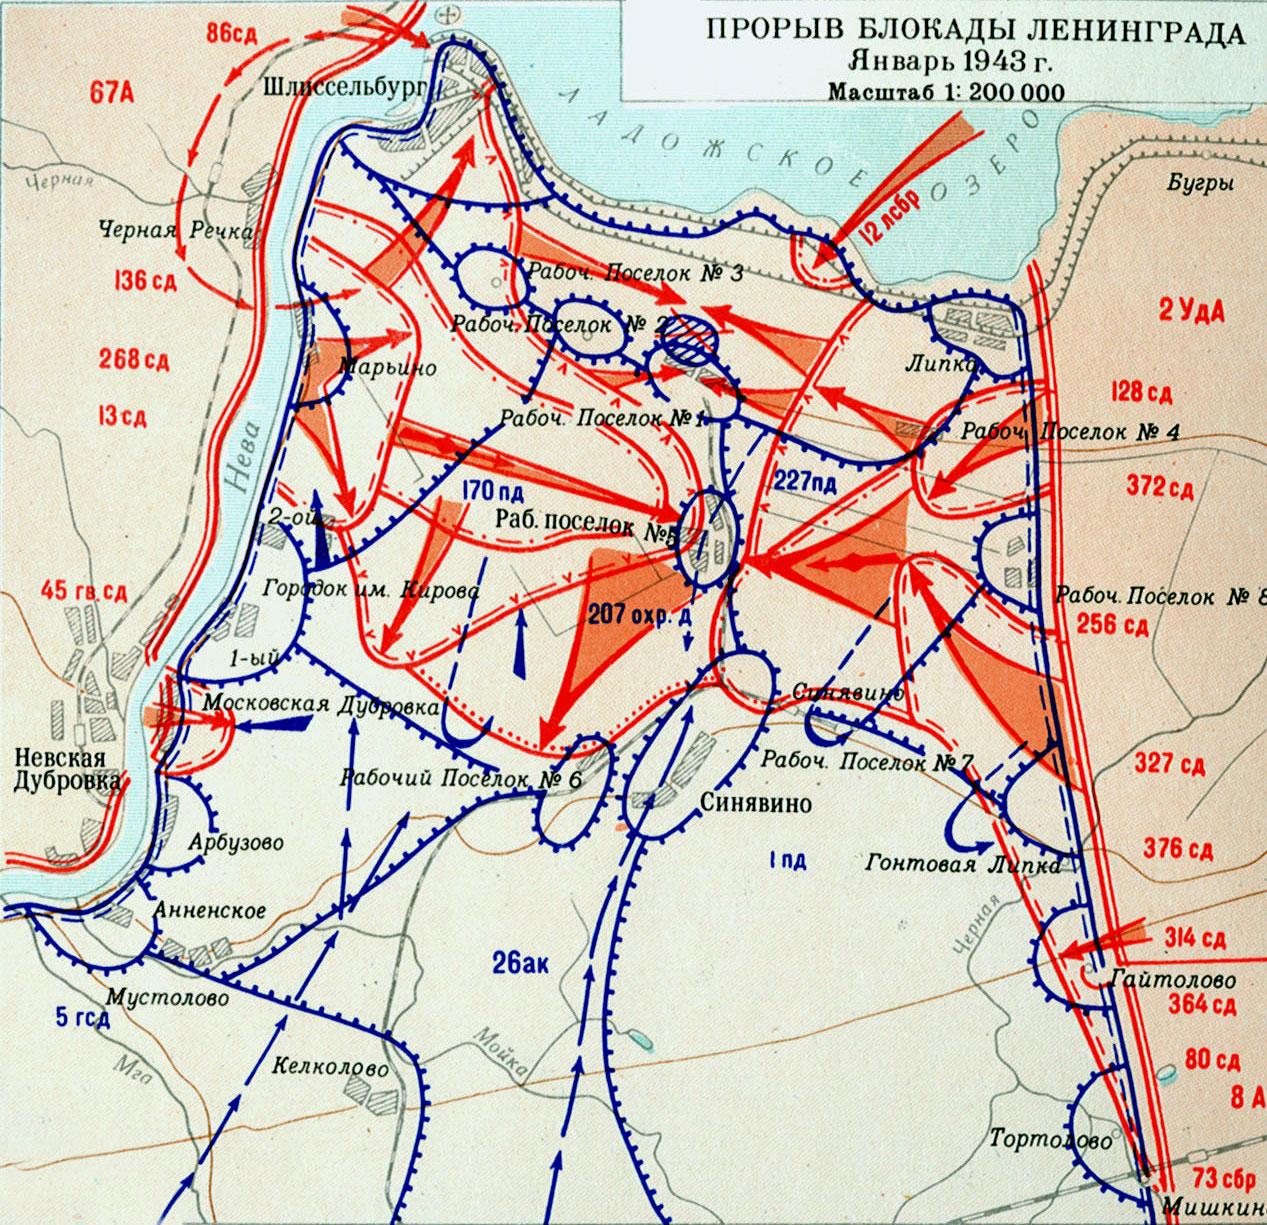 Карта. Январь 1943 прорыв блокады Ленинграда . Оперативный масштаб